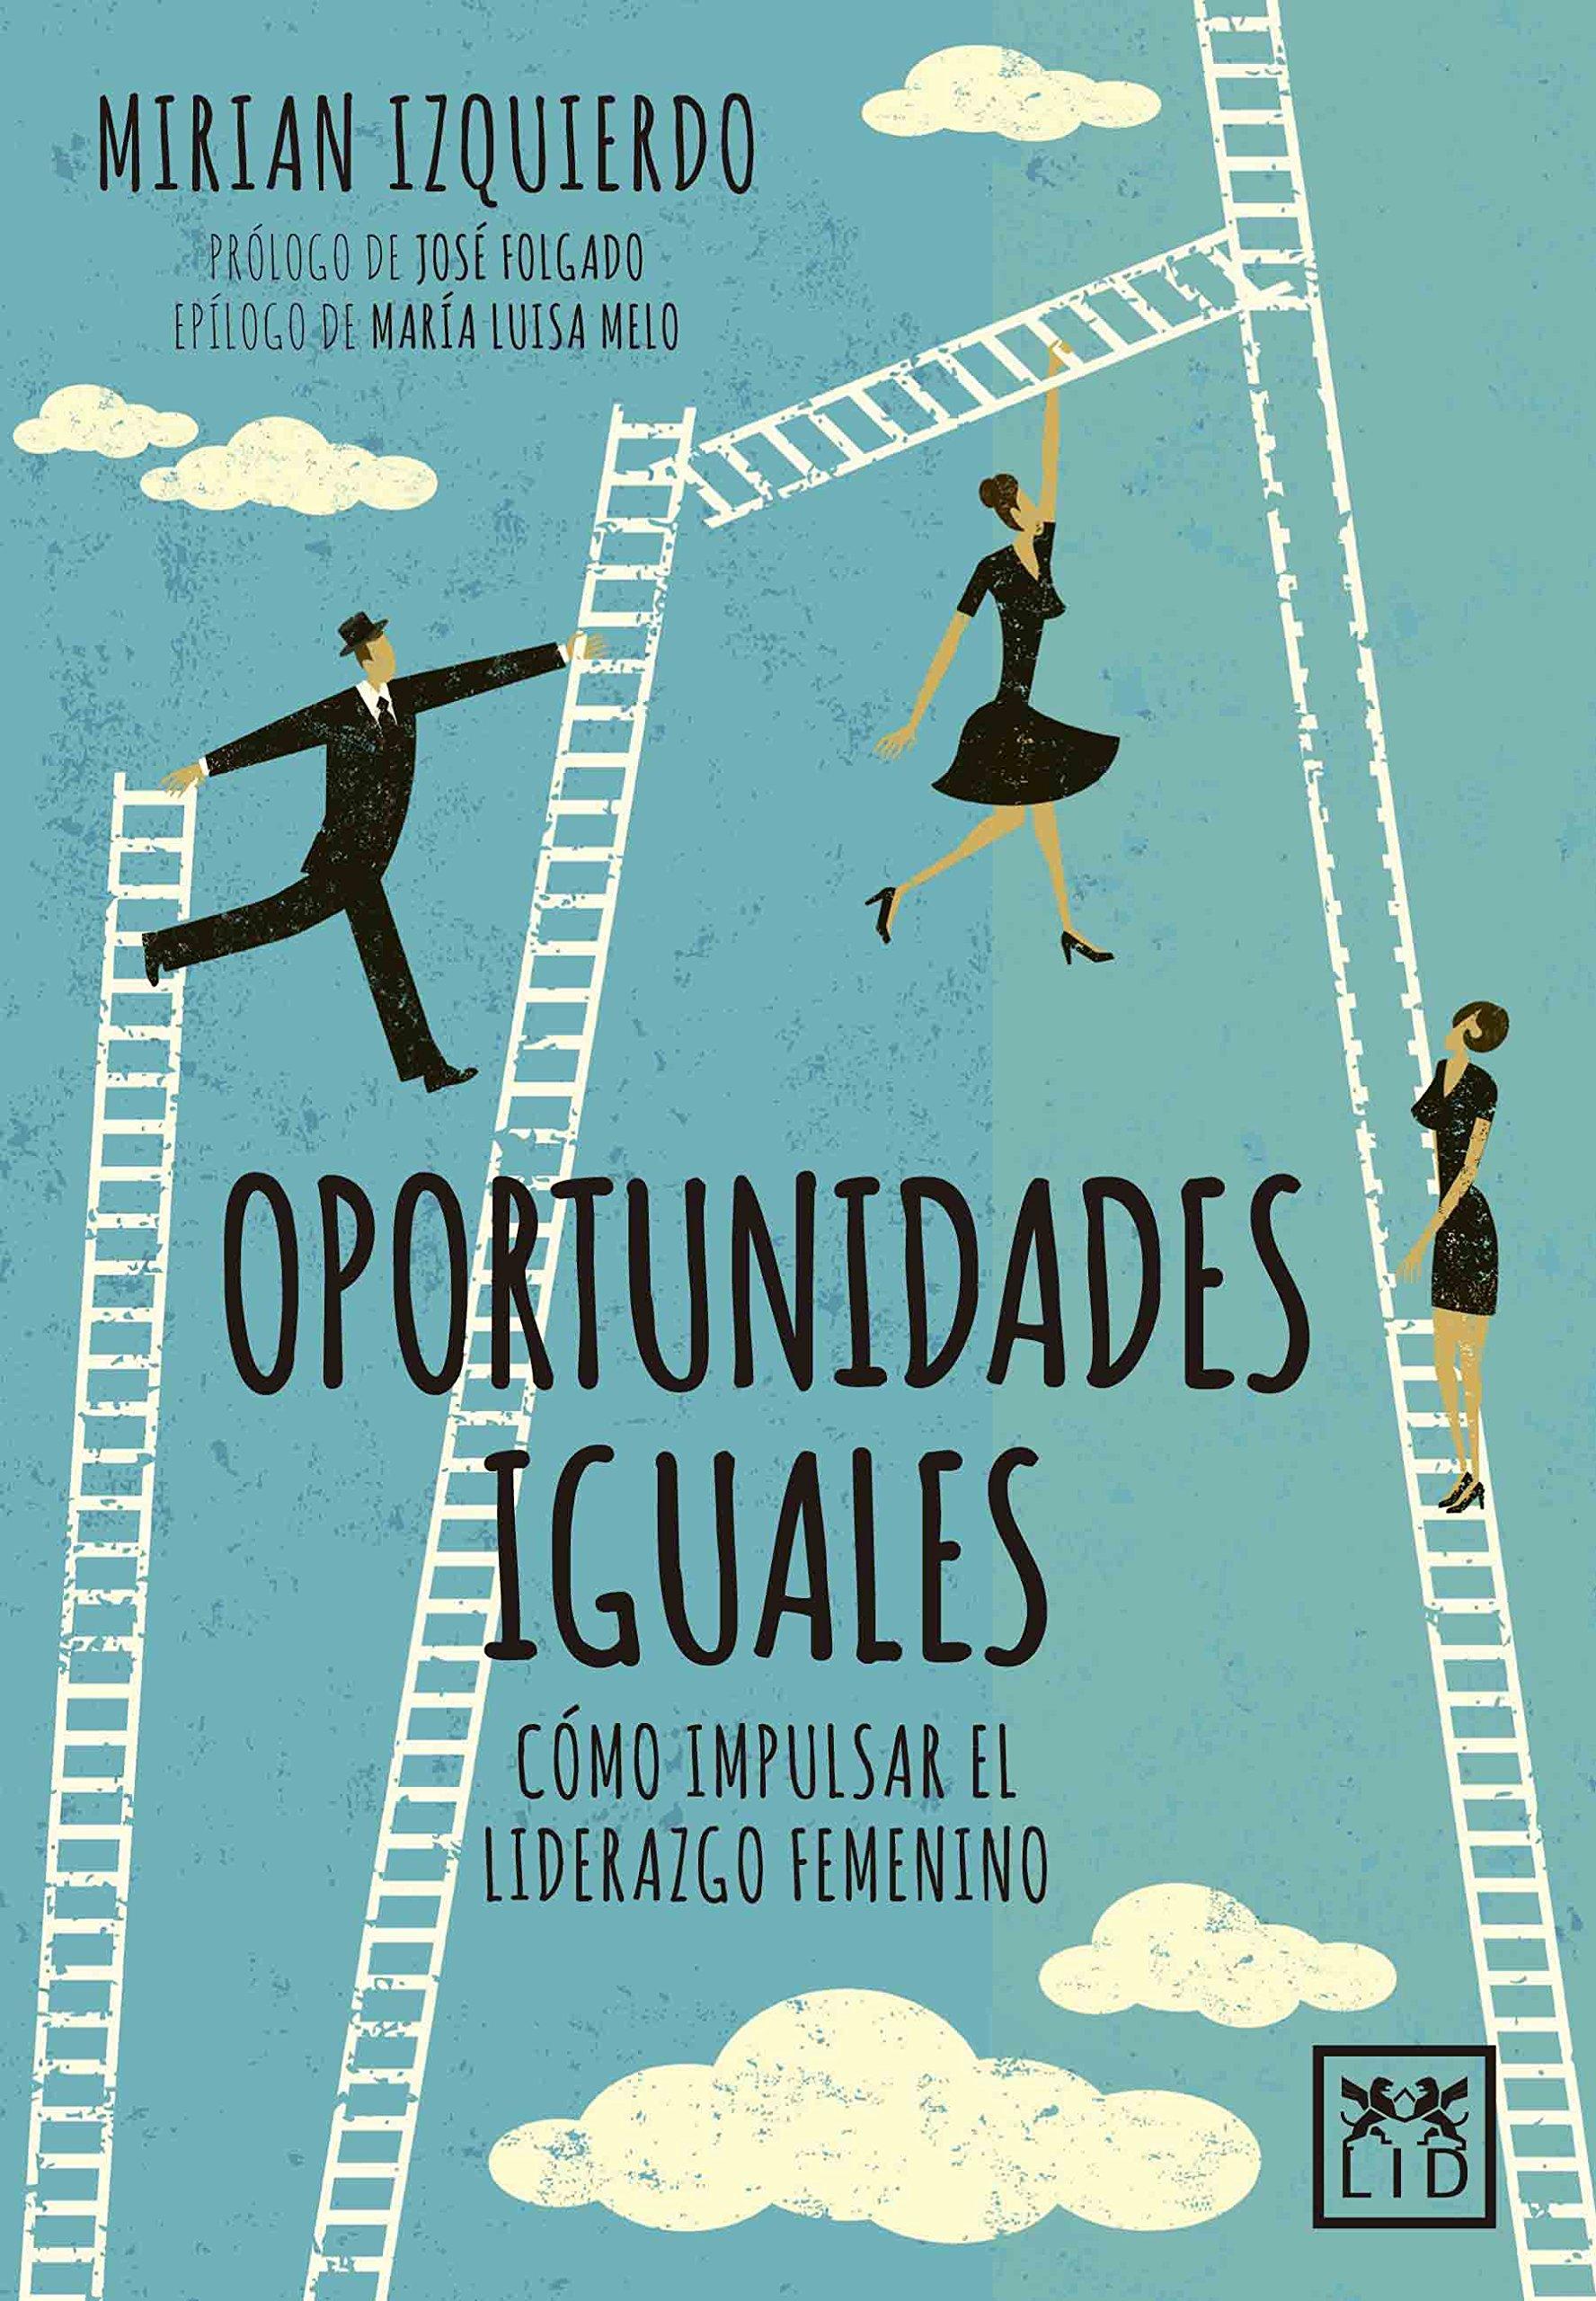 Amazon.com: Oportunidades iguales: Cómo impulsar el liderazgo femenino (Acción empresarial) (Spanish Edition) (9788416624935): Mirian Izquierdo: Books